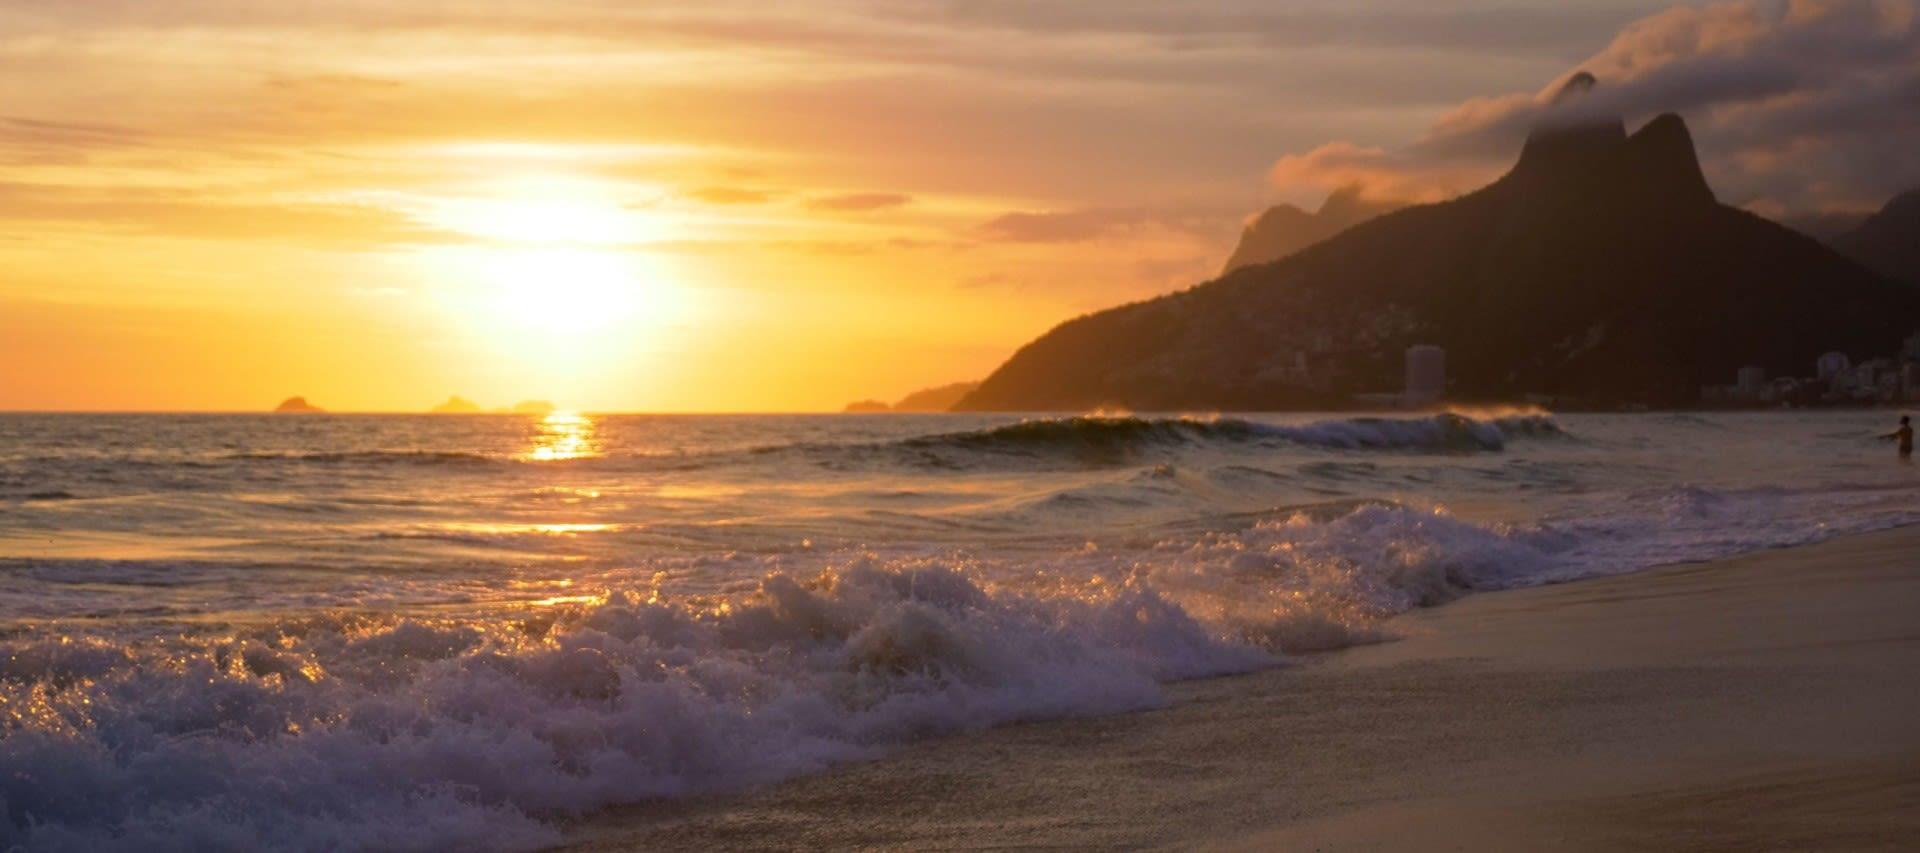 Sunset over the ocean near Rio de Janeiro